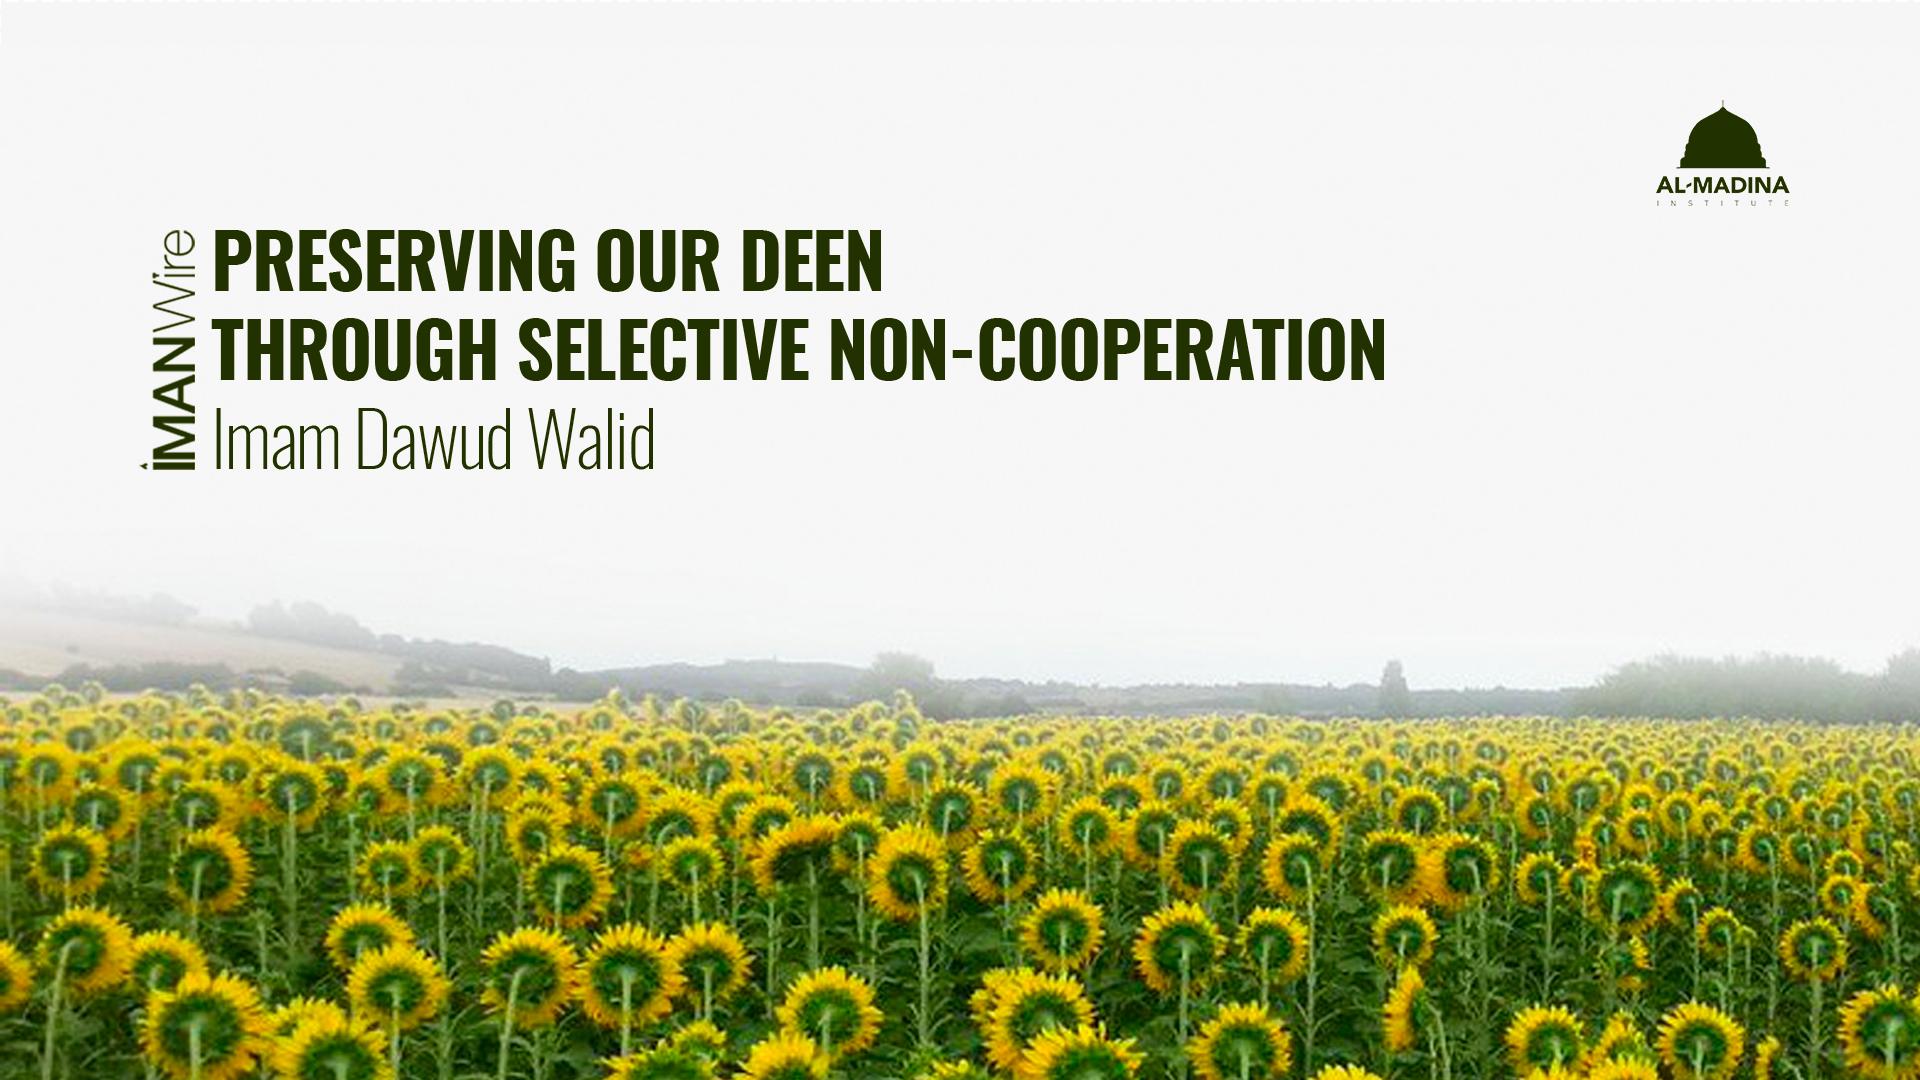 Preserving Our Deen Through Selective Non-Cooperation